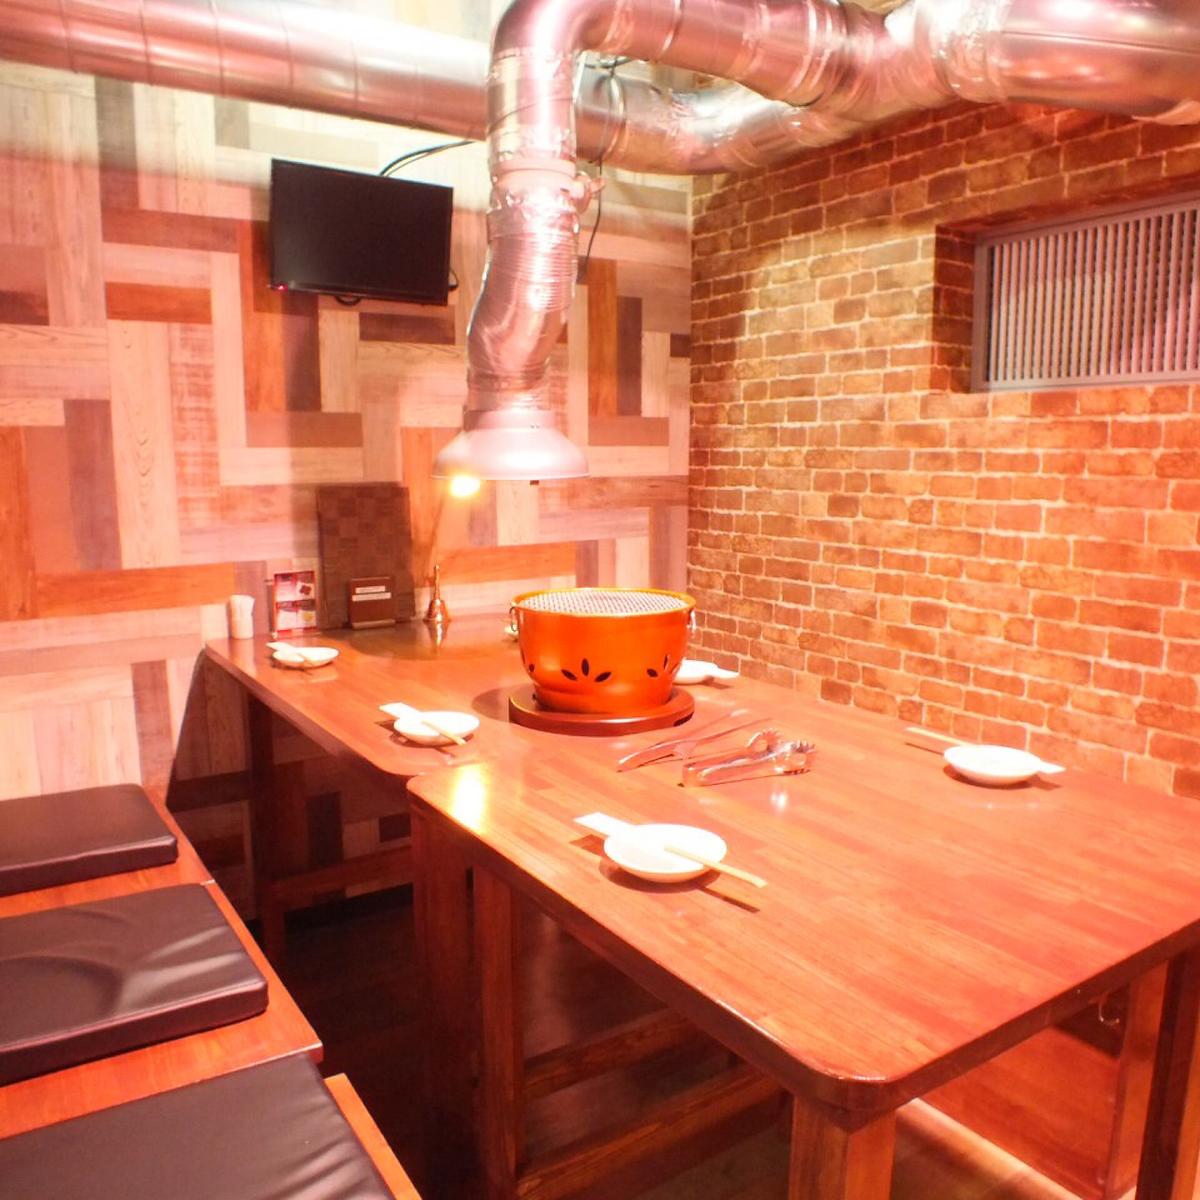 與家人和朋友共進晚餐♪美味的黑毛和牛牛肉烤肉♪在定居的商店,您已經拜訪了各代客戶!【桌座6】